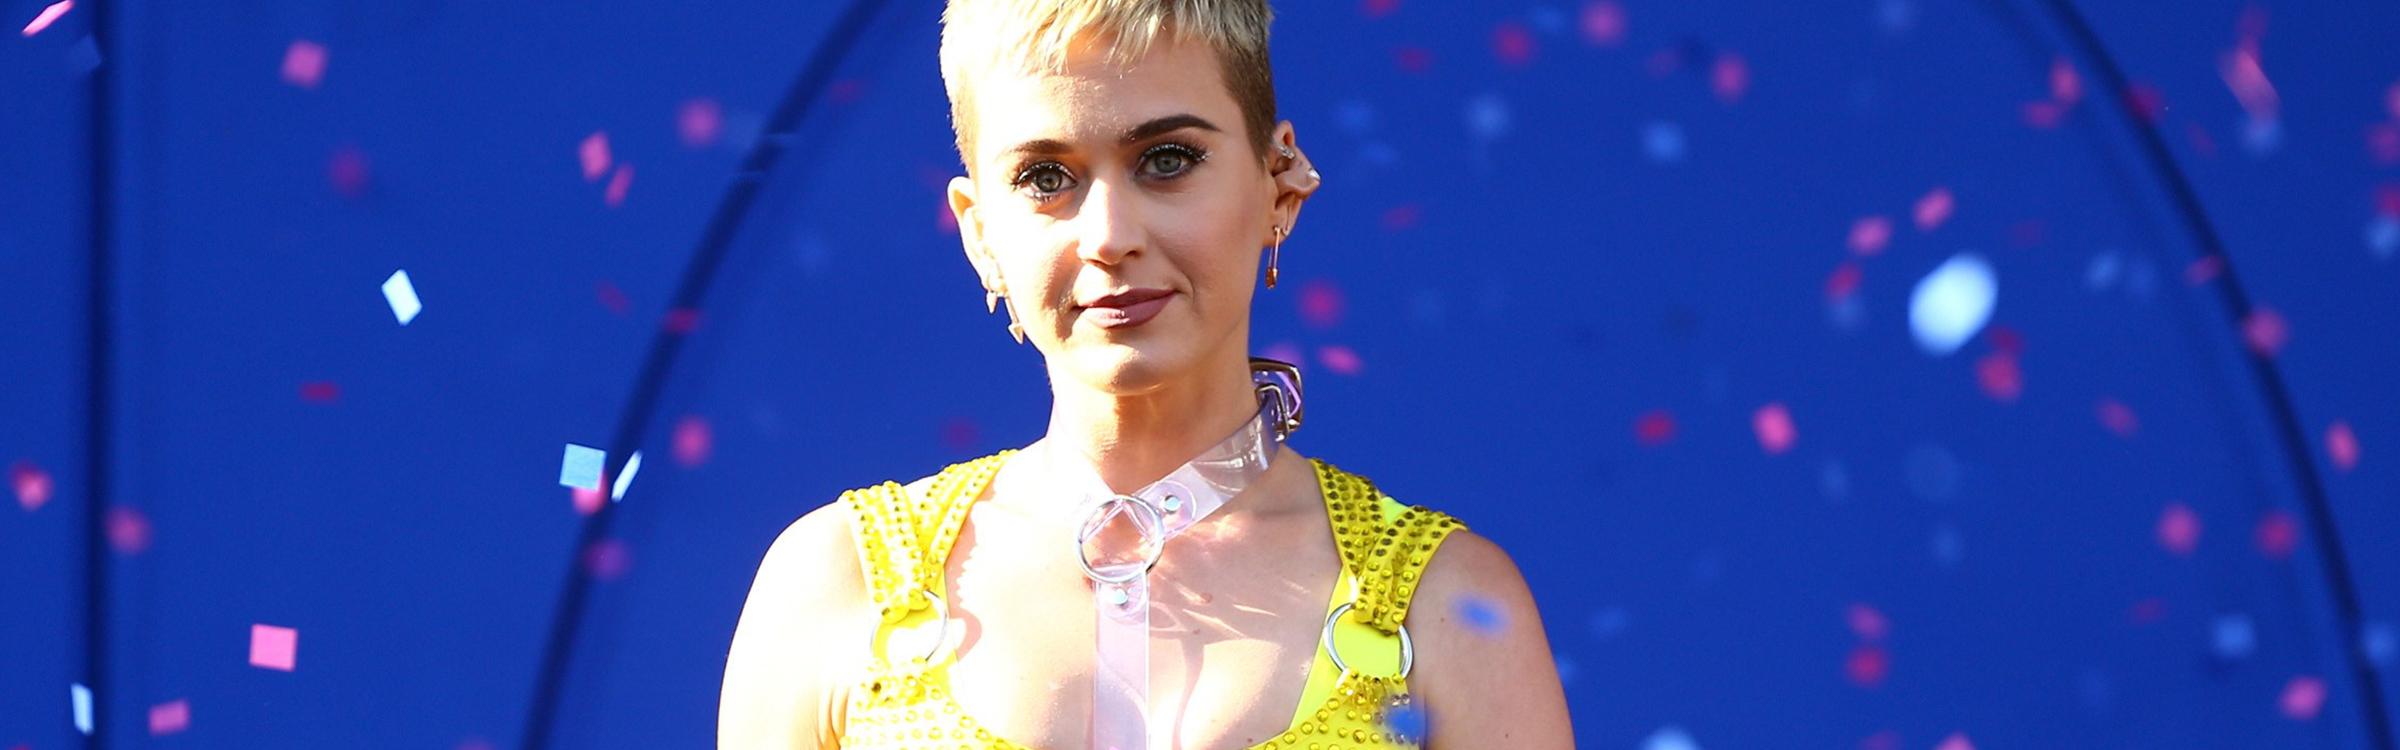 Katy headerrr